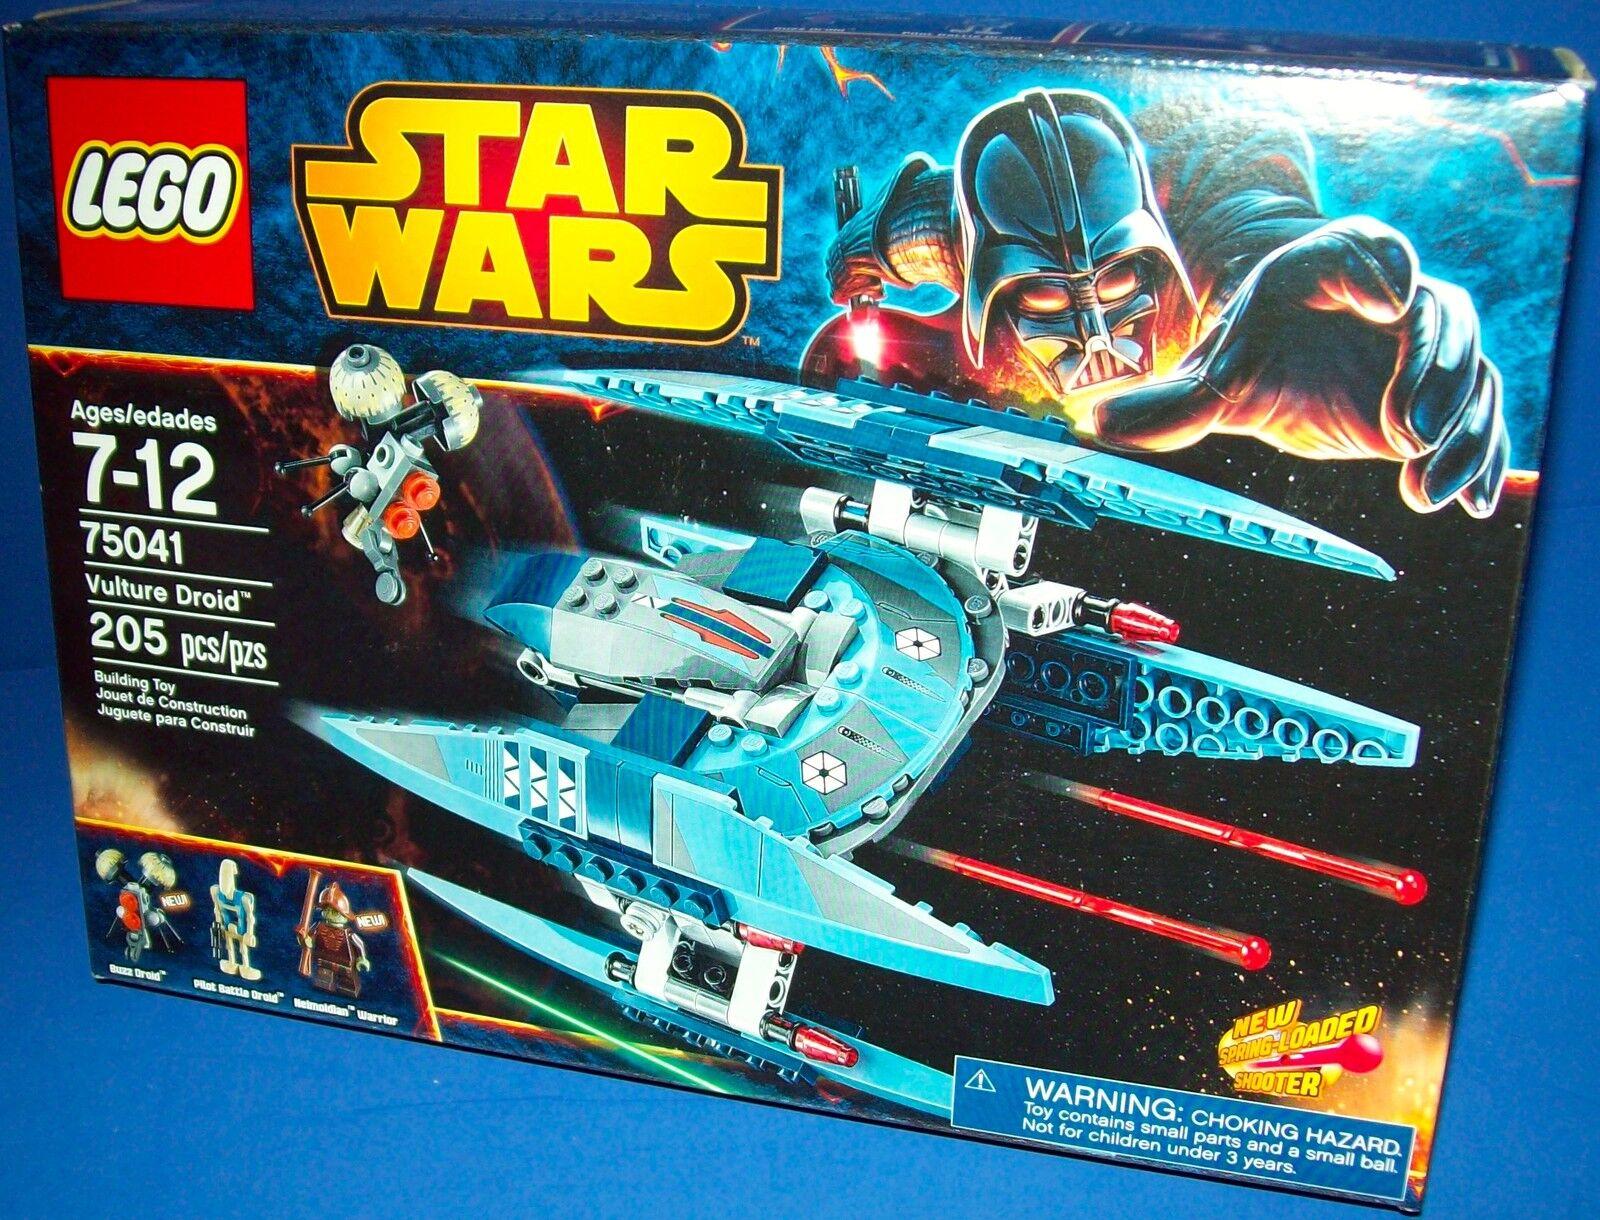 Lego 75041 Buitre Droide  Star Wars Precinto de Fábrica  Jubilado Nuevo,en